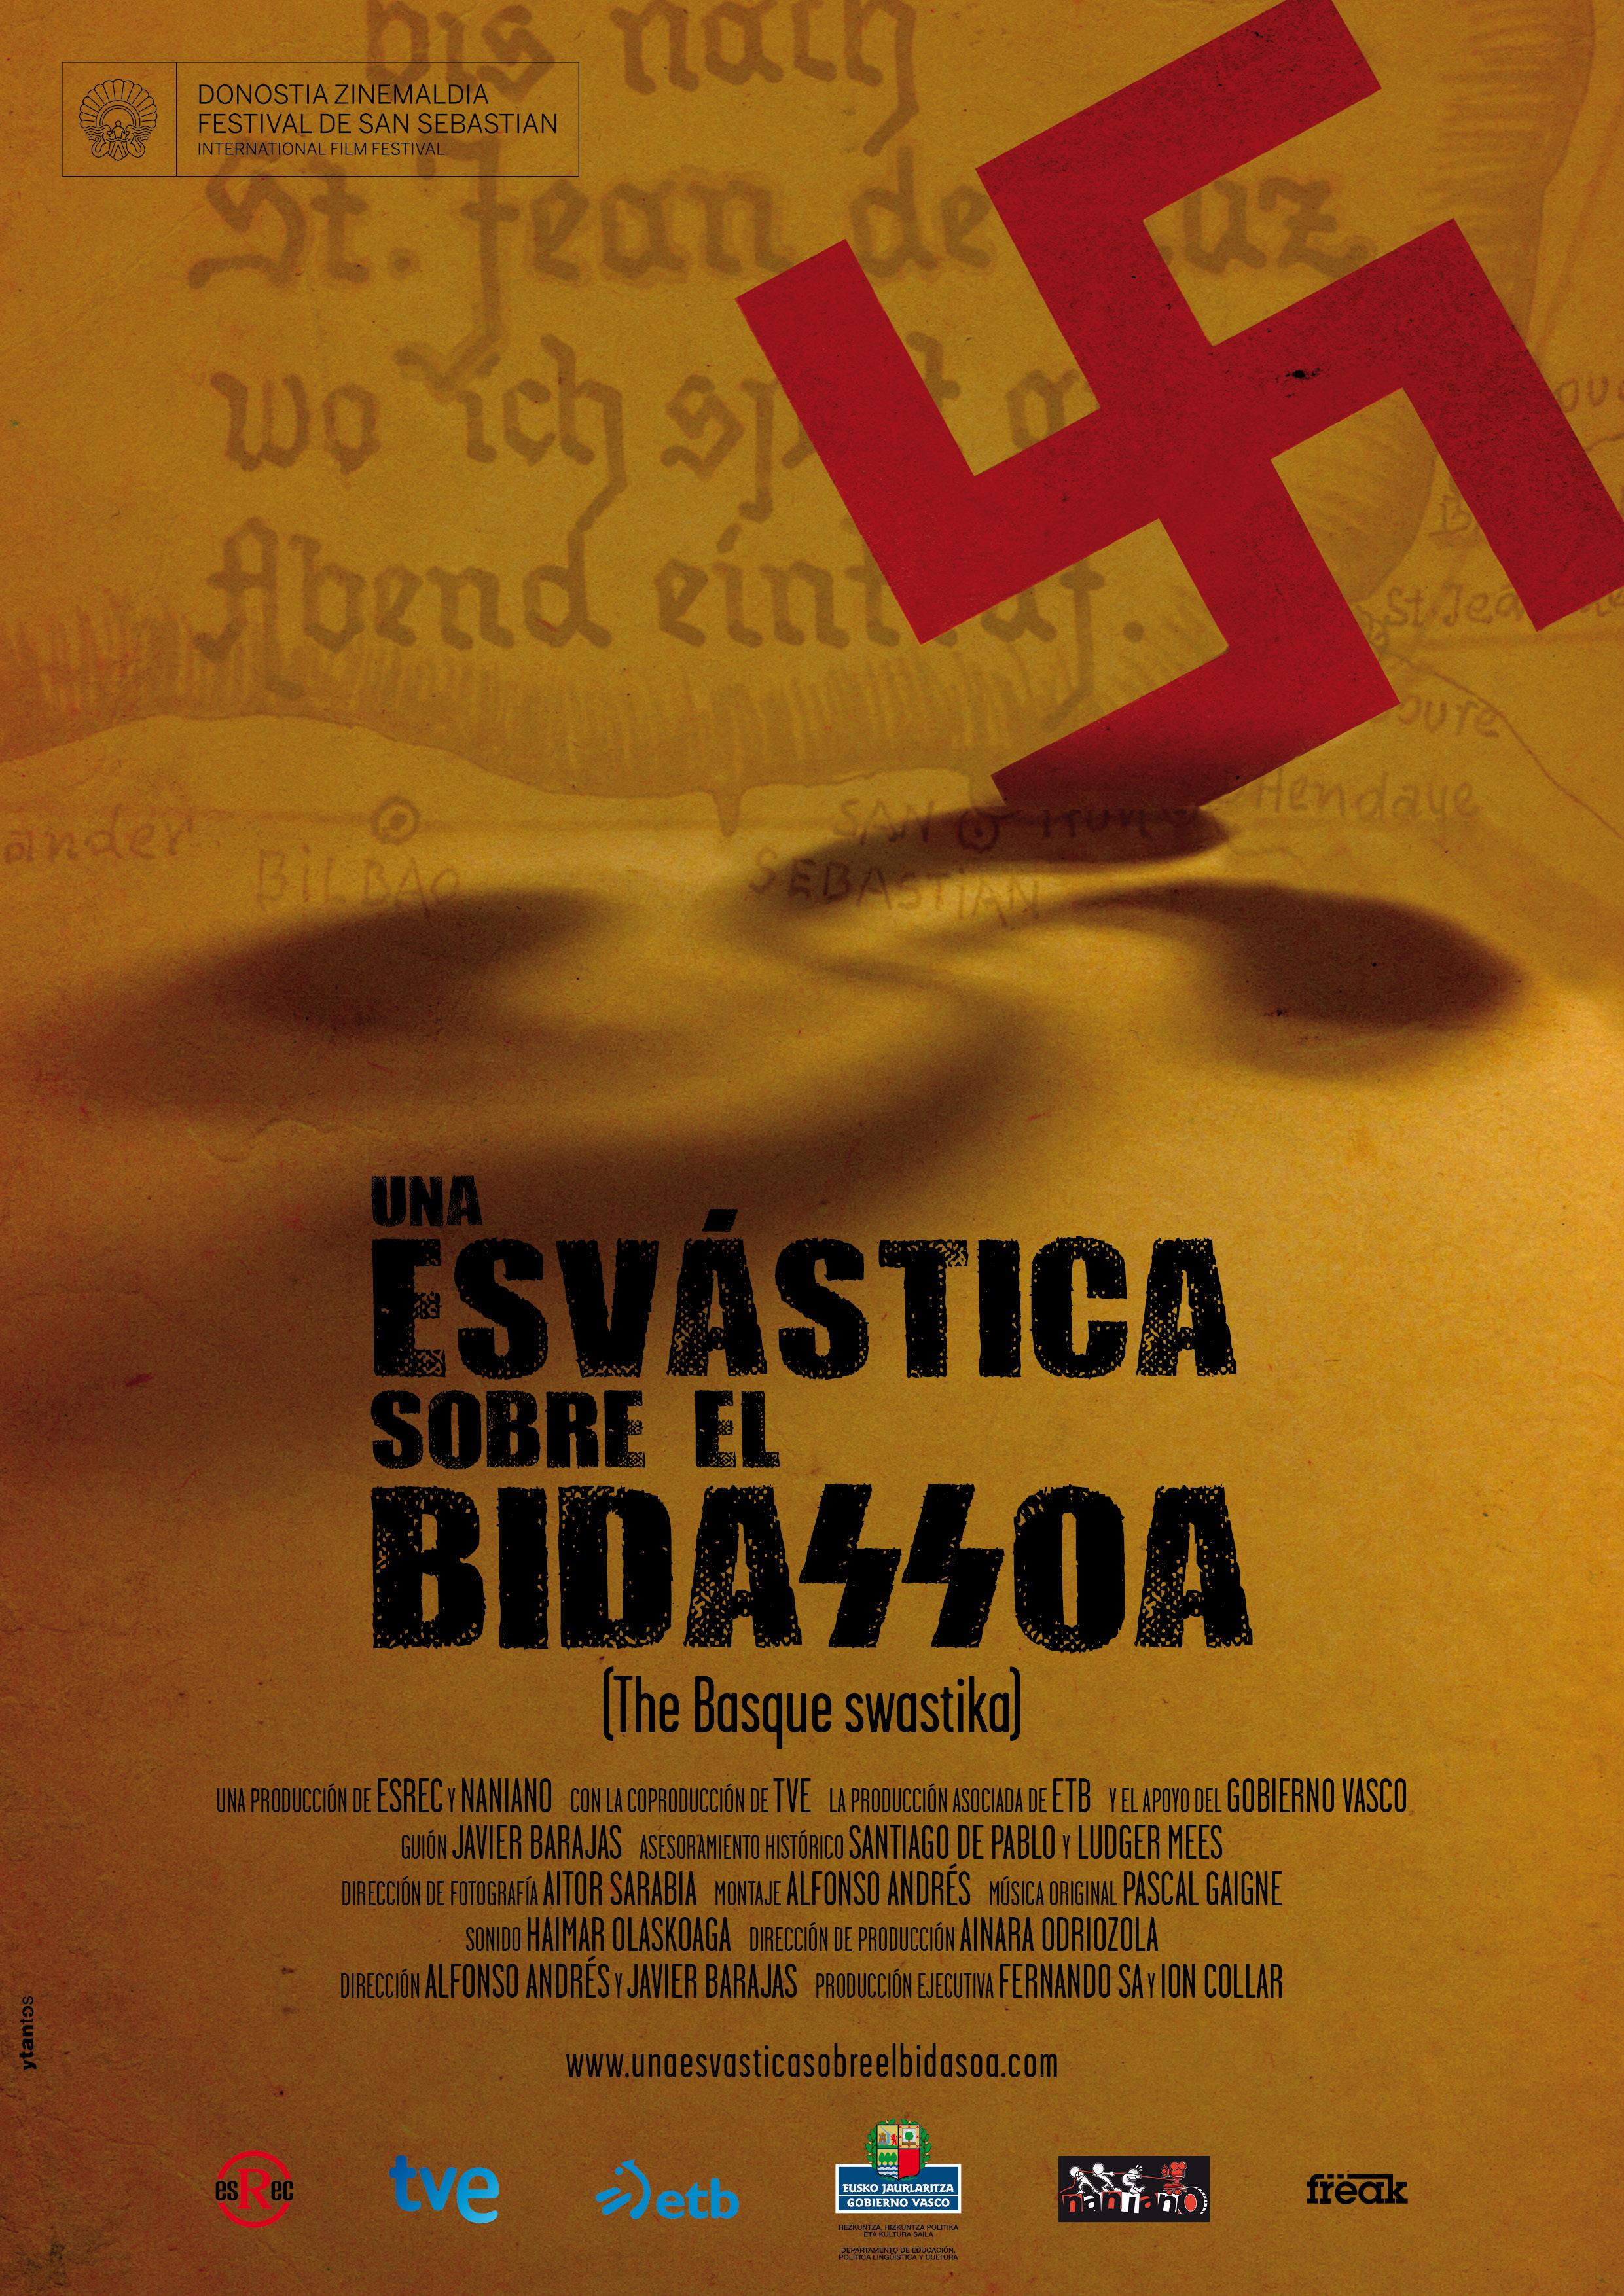 C_Una_esvastica_sobre_el_bidasoa.jpg